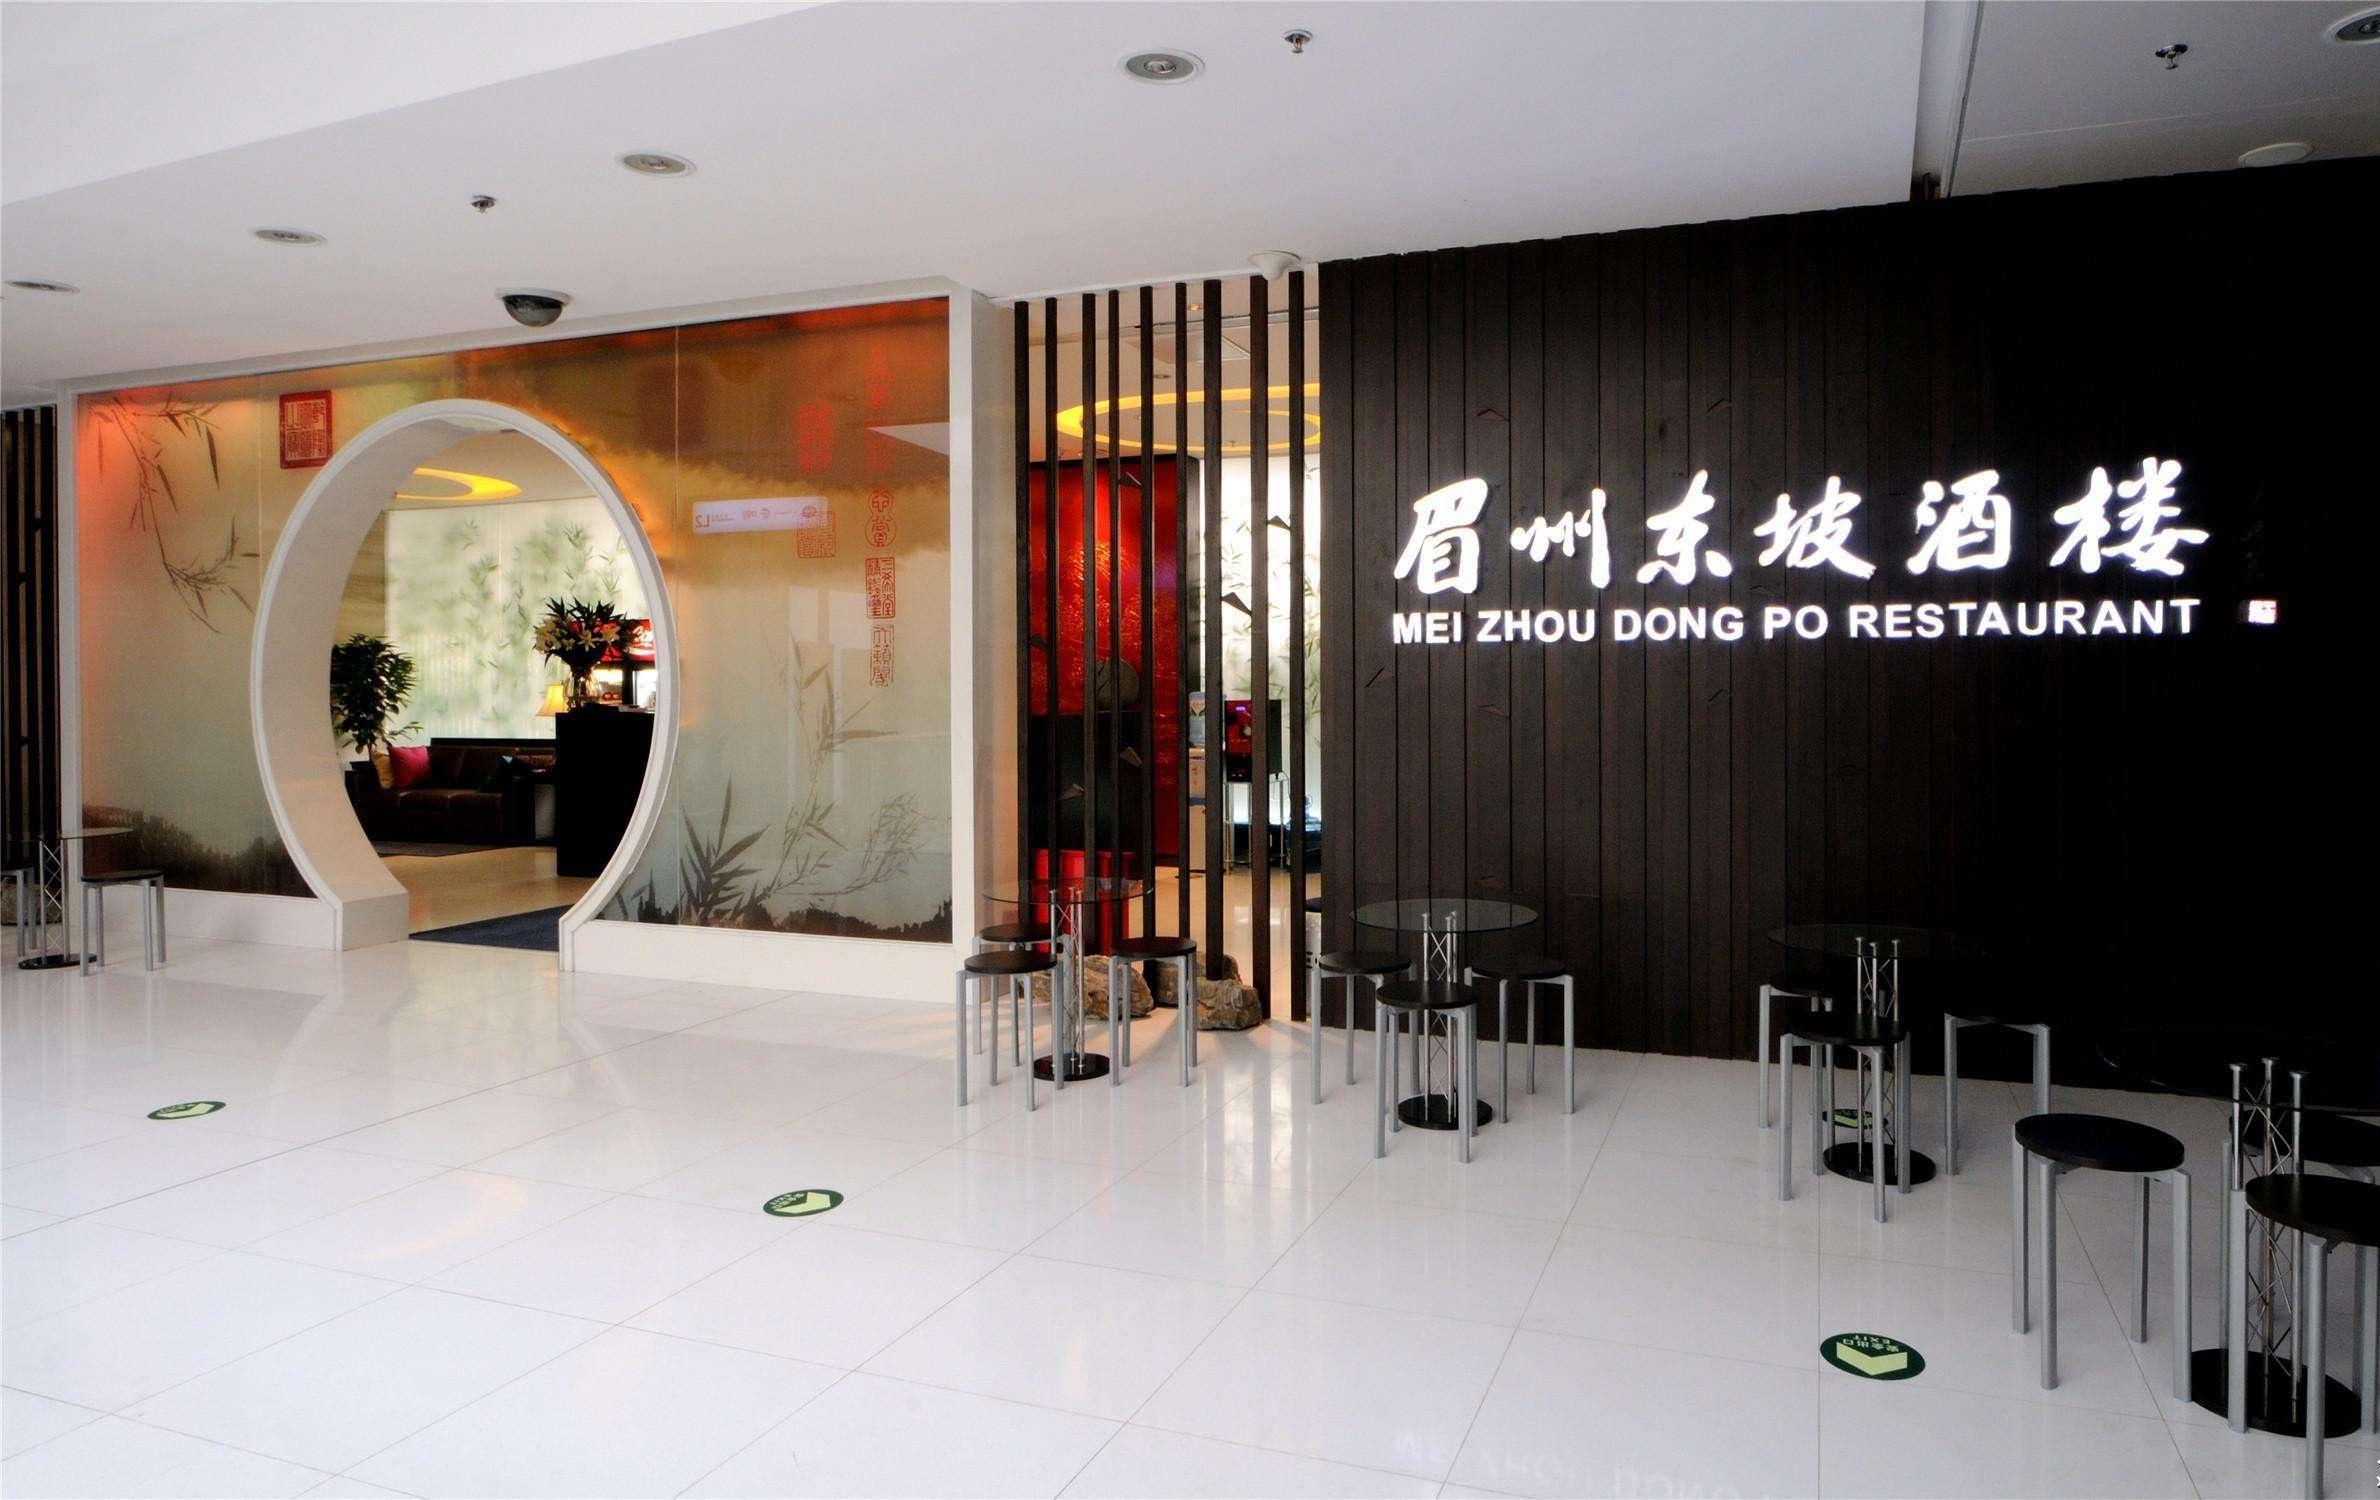 眉州东坡酒楼